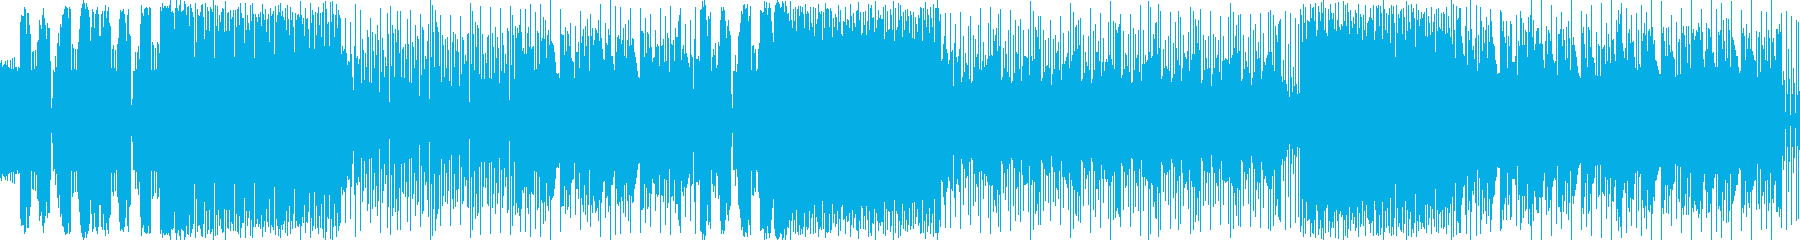 少し切ないエレクトロニカの再生済みの波形